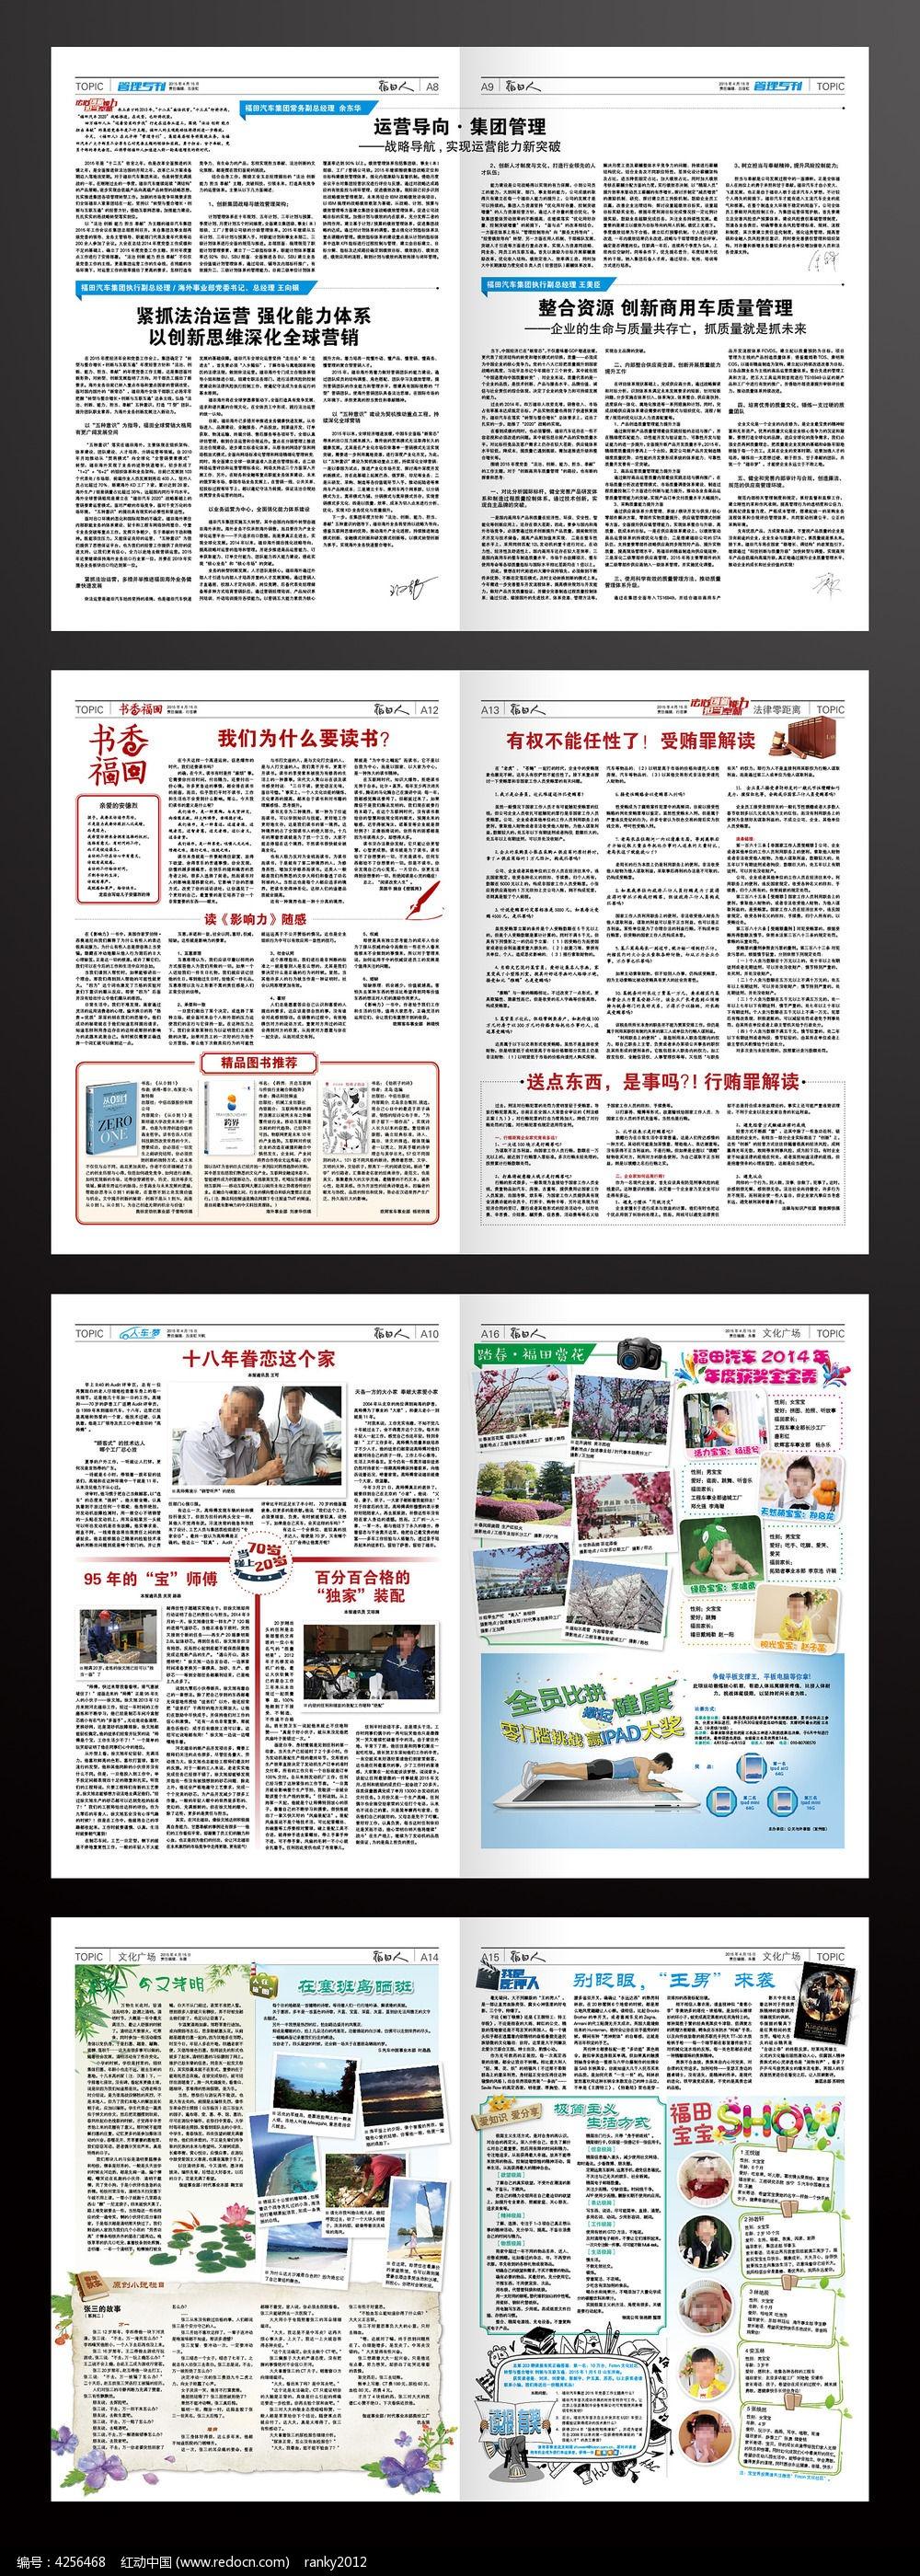 2015最新整套企业报纸版面设计图片